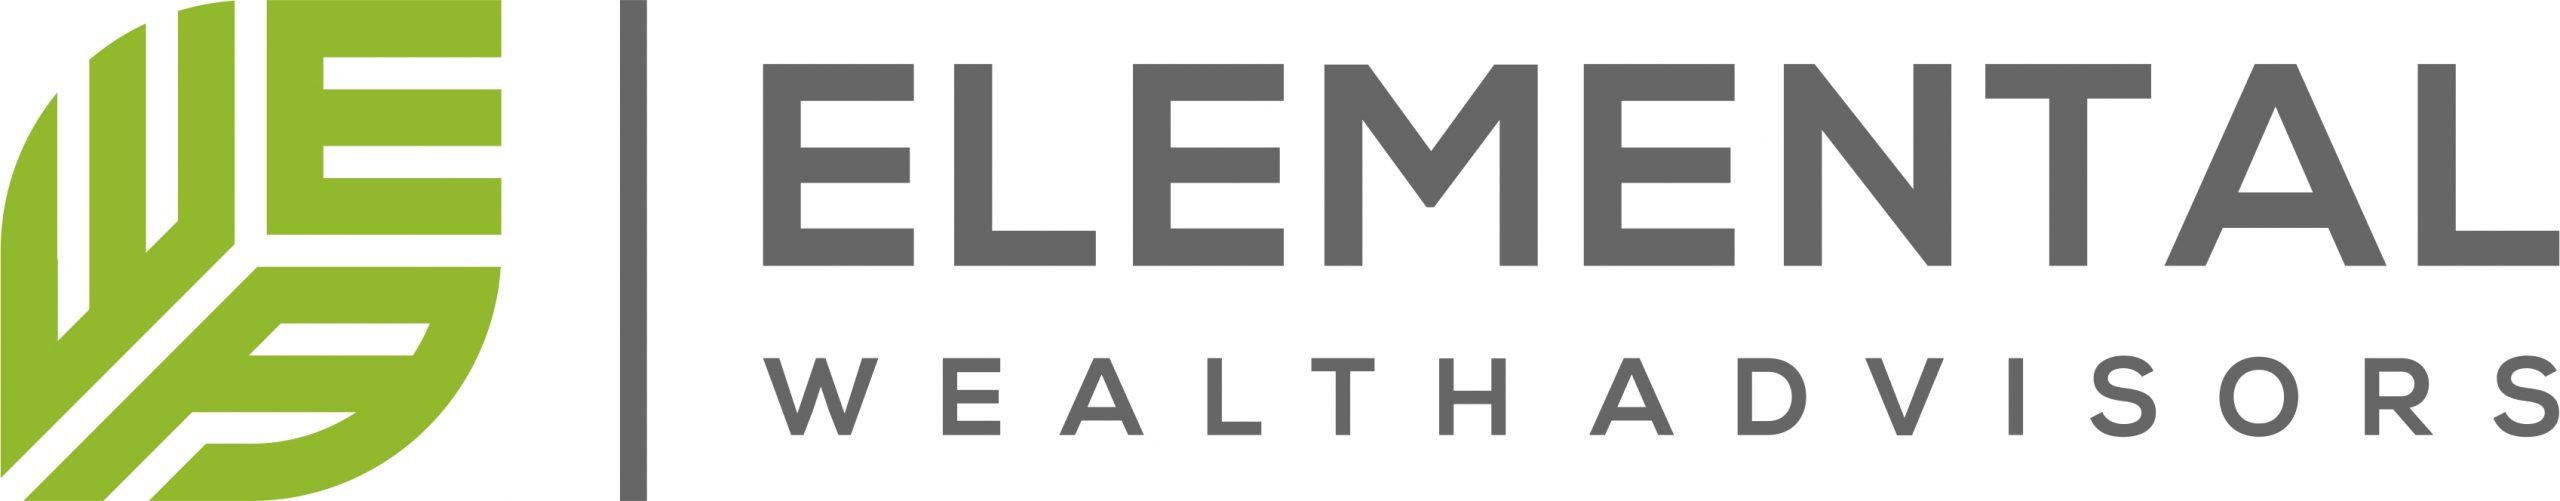 Elemental Wealth Advisors Logo